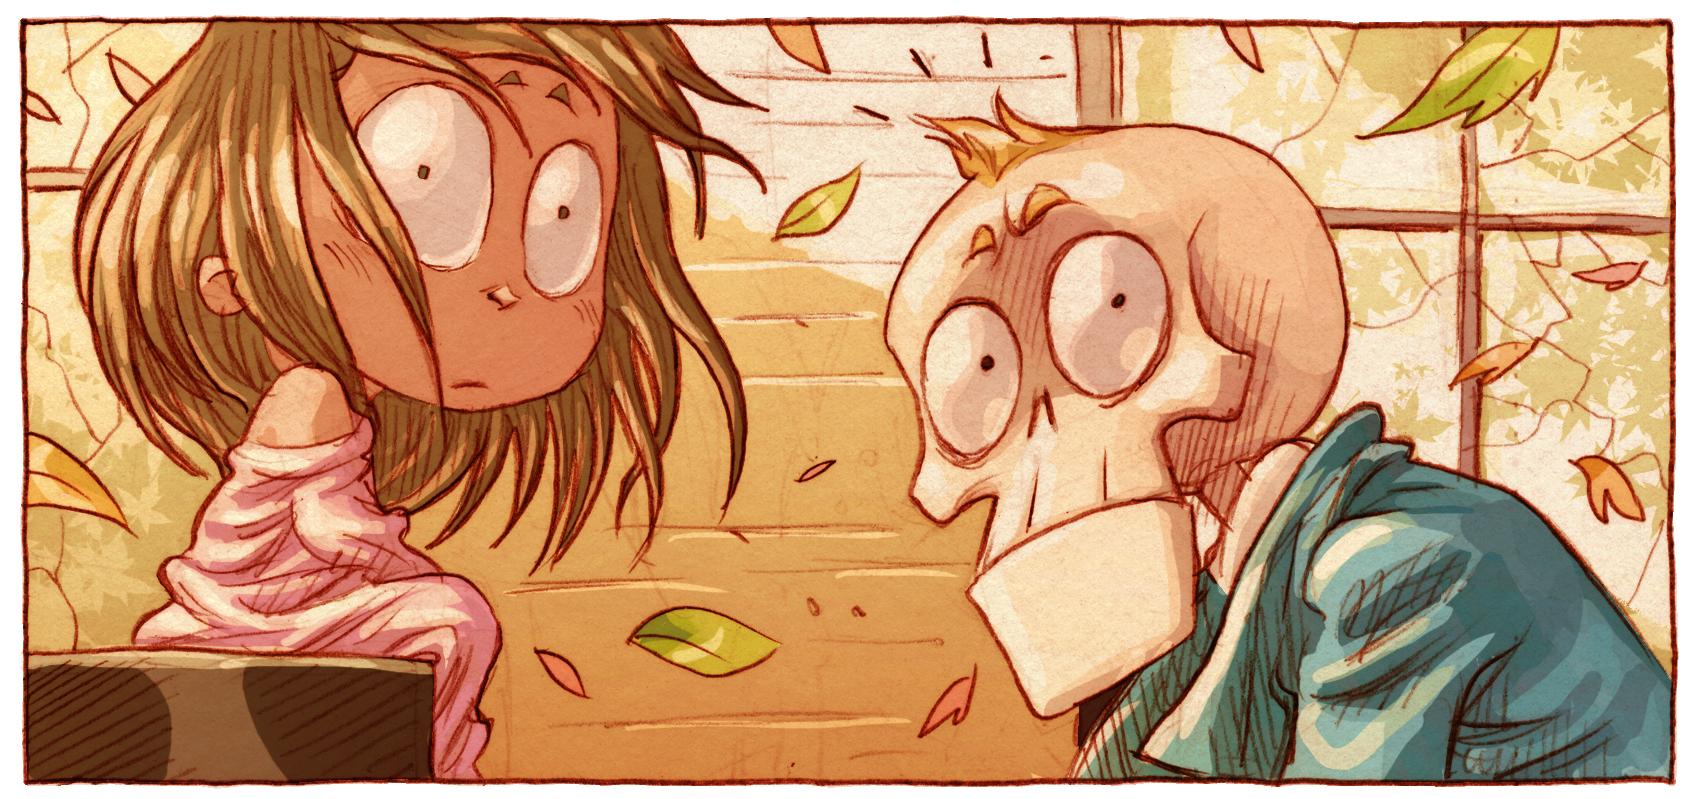 Una fra le emozionanti illustrazioni di Mad